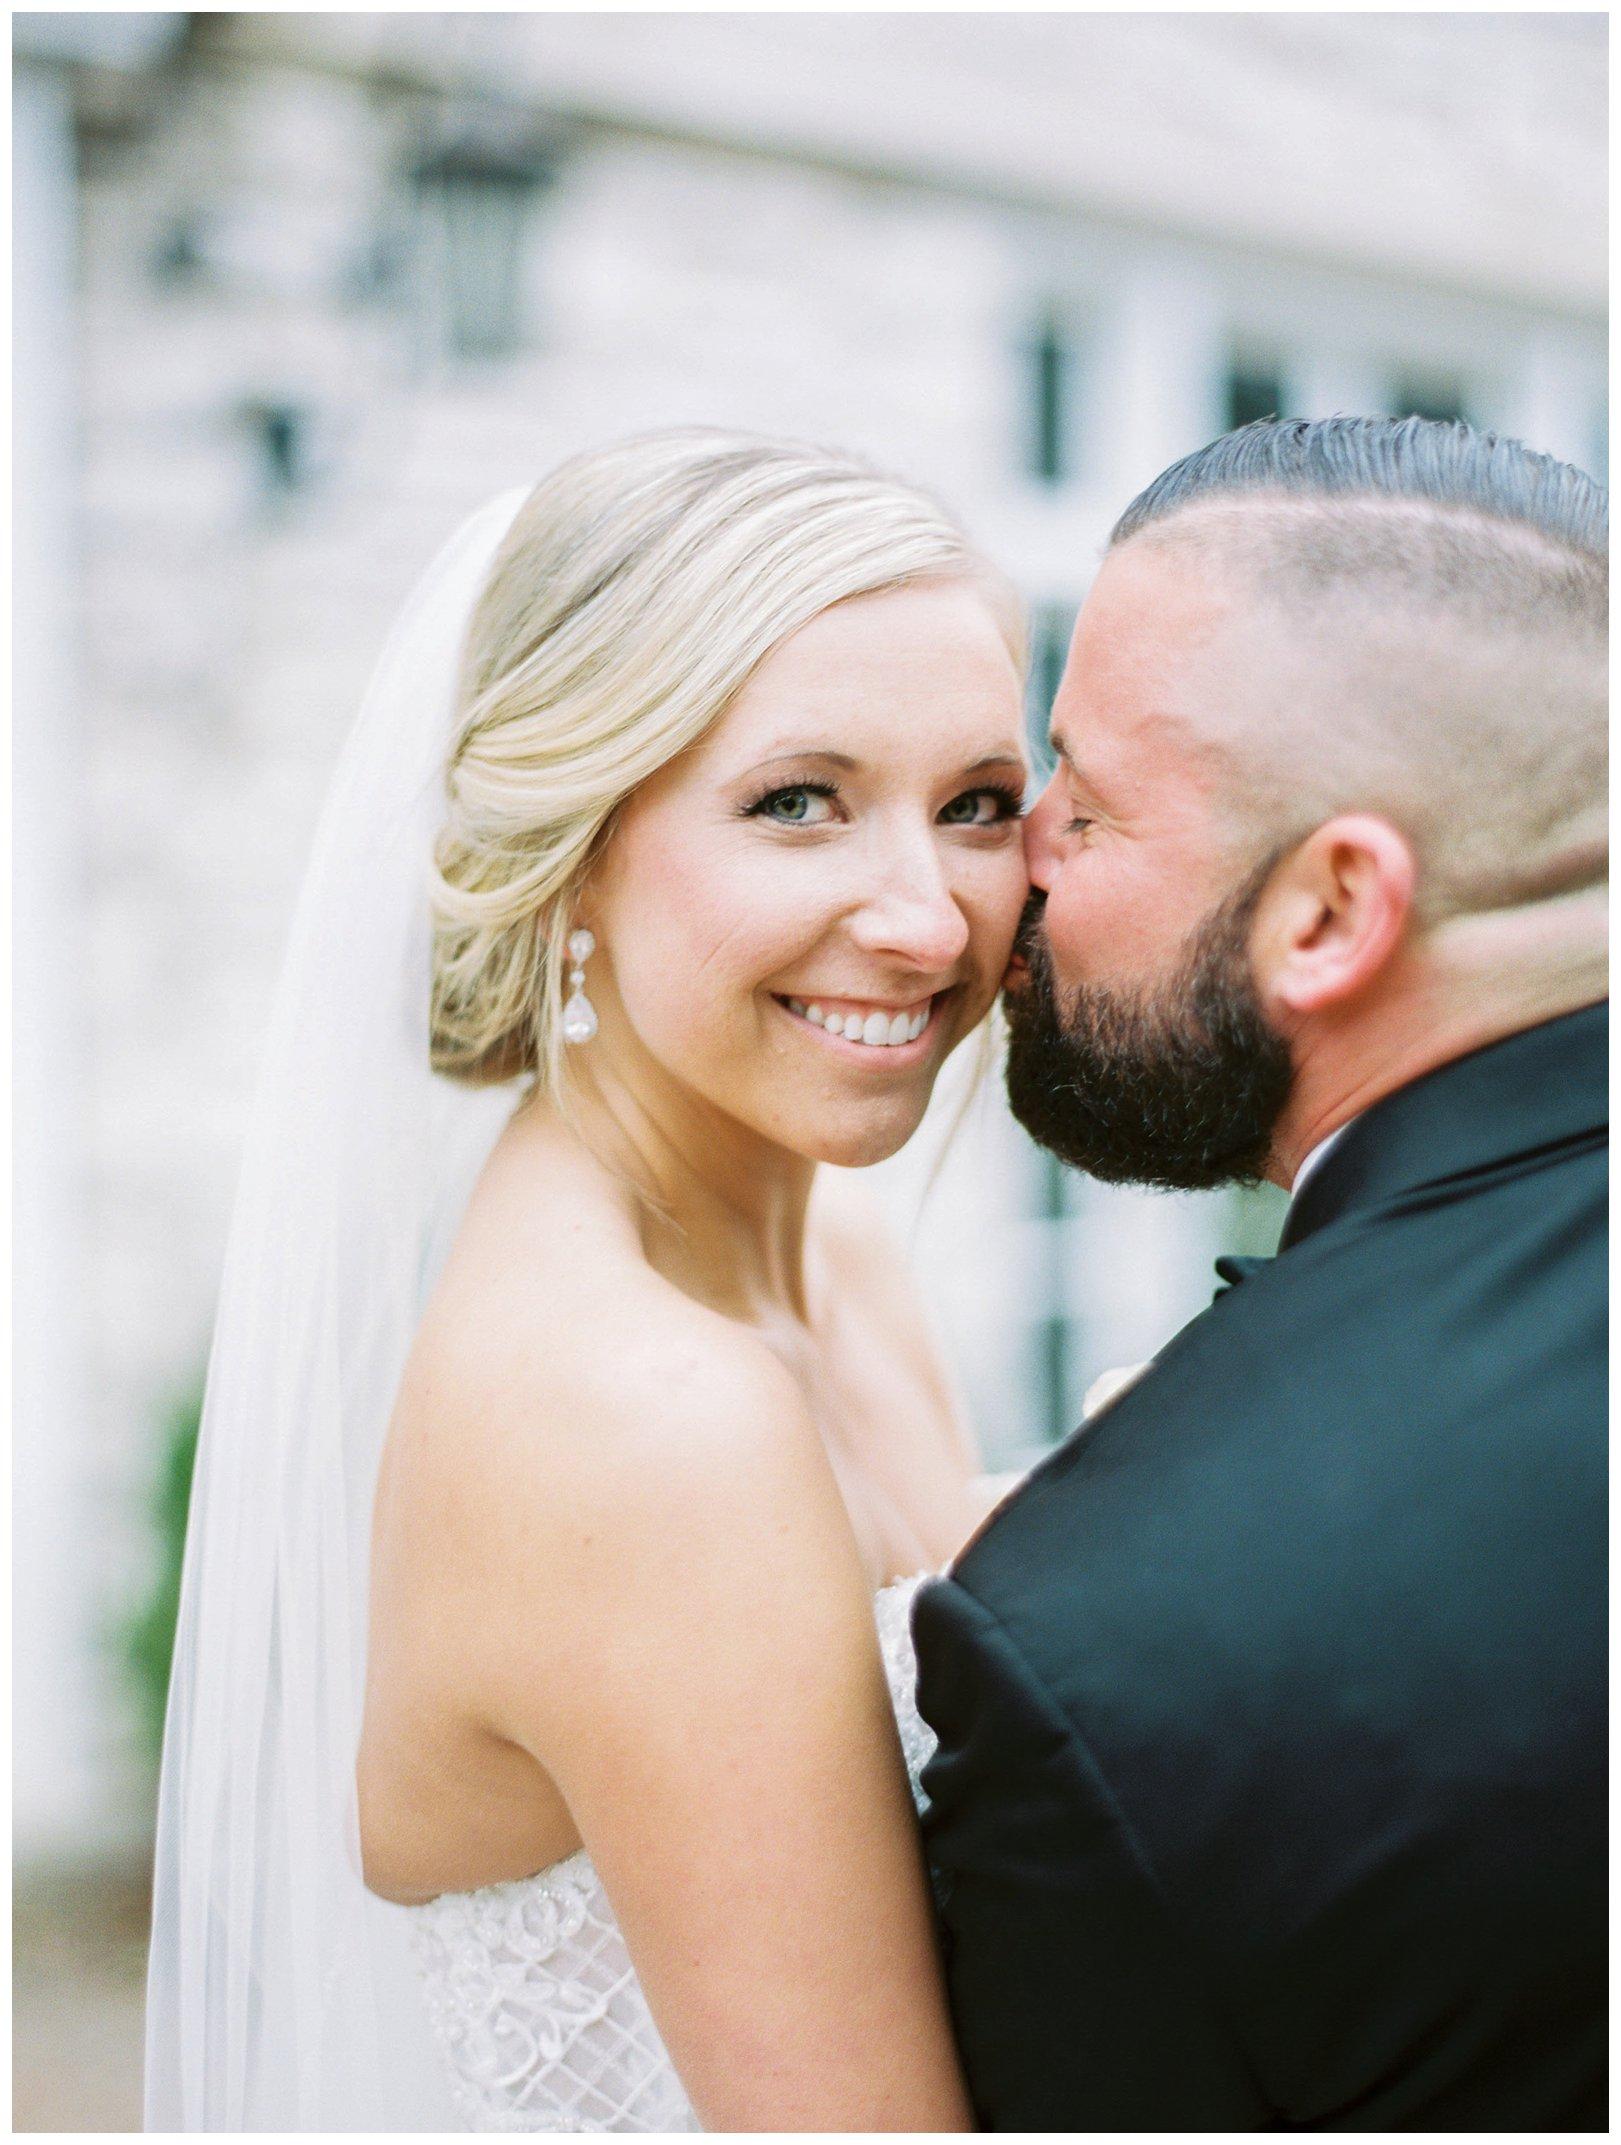 lauren muckler photography_fine art film wedding photography_st louis_photography_2156.jpg